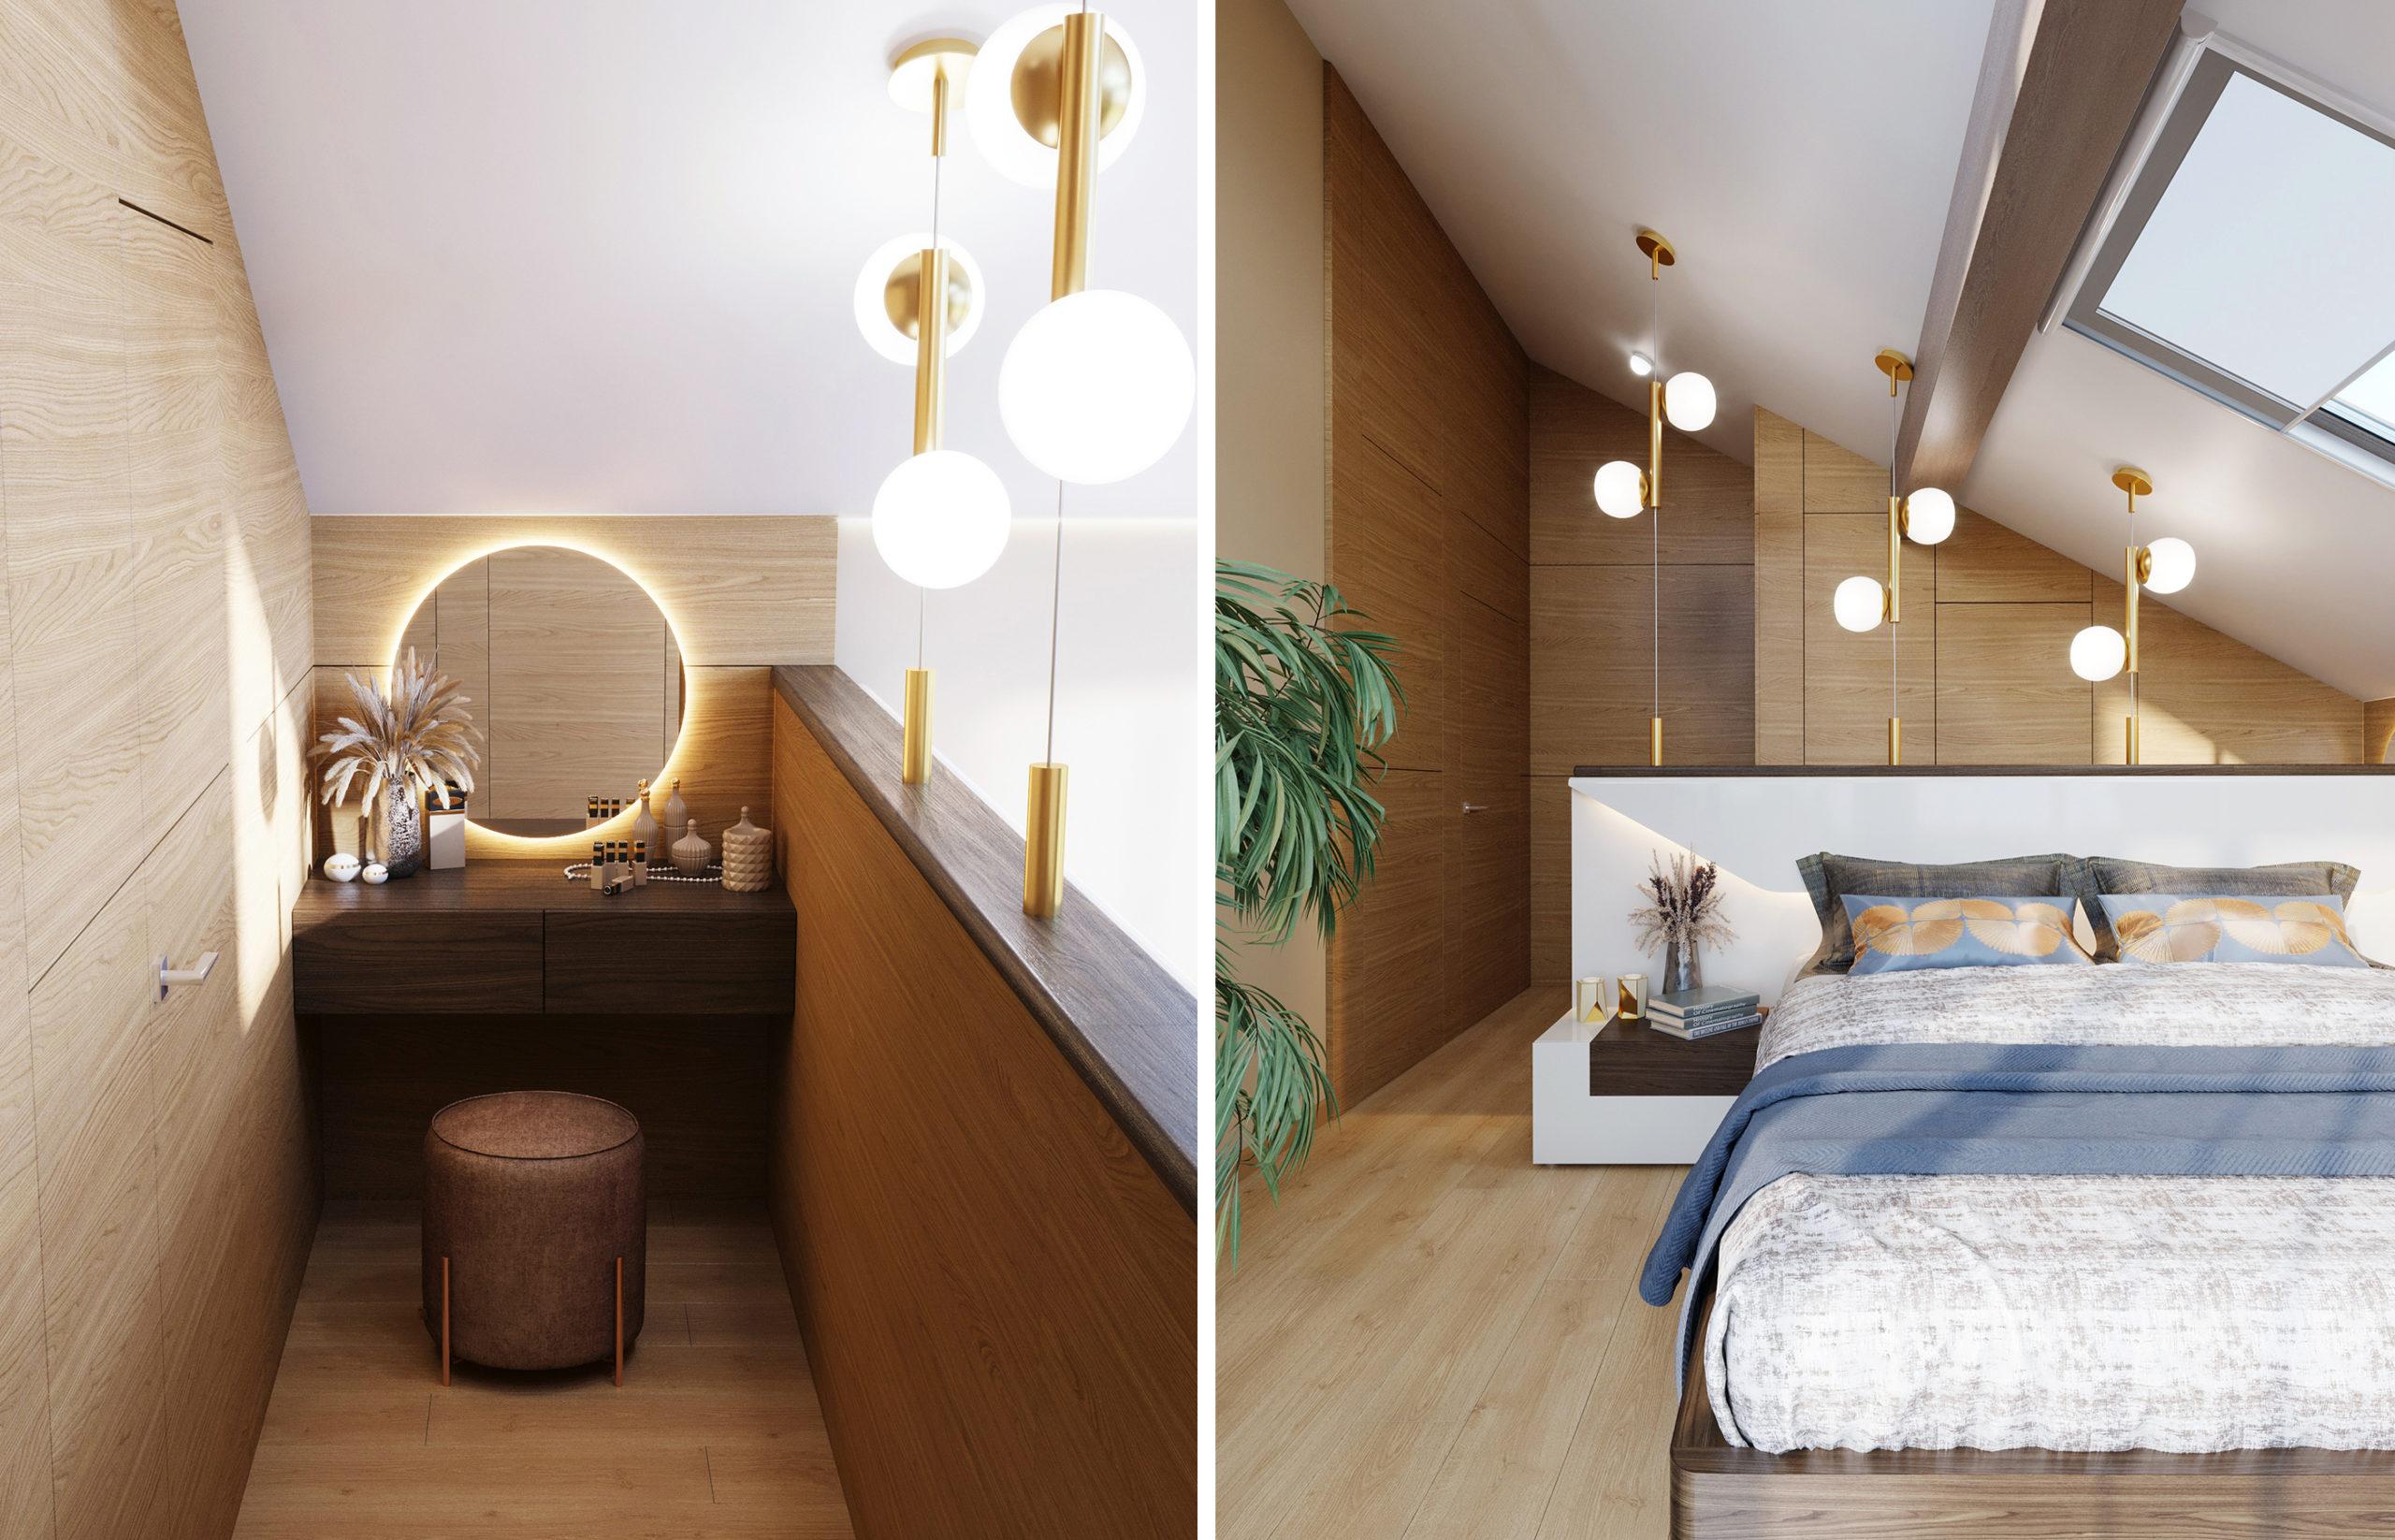 Деревянные панели в отделке создают теплую и естественную обстановку в интерьере спальни